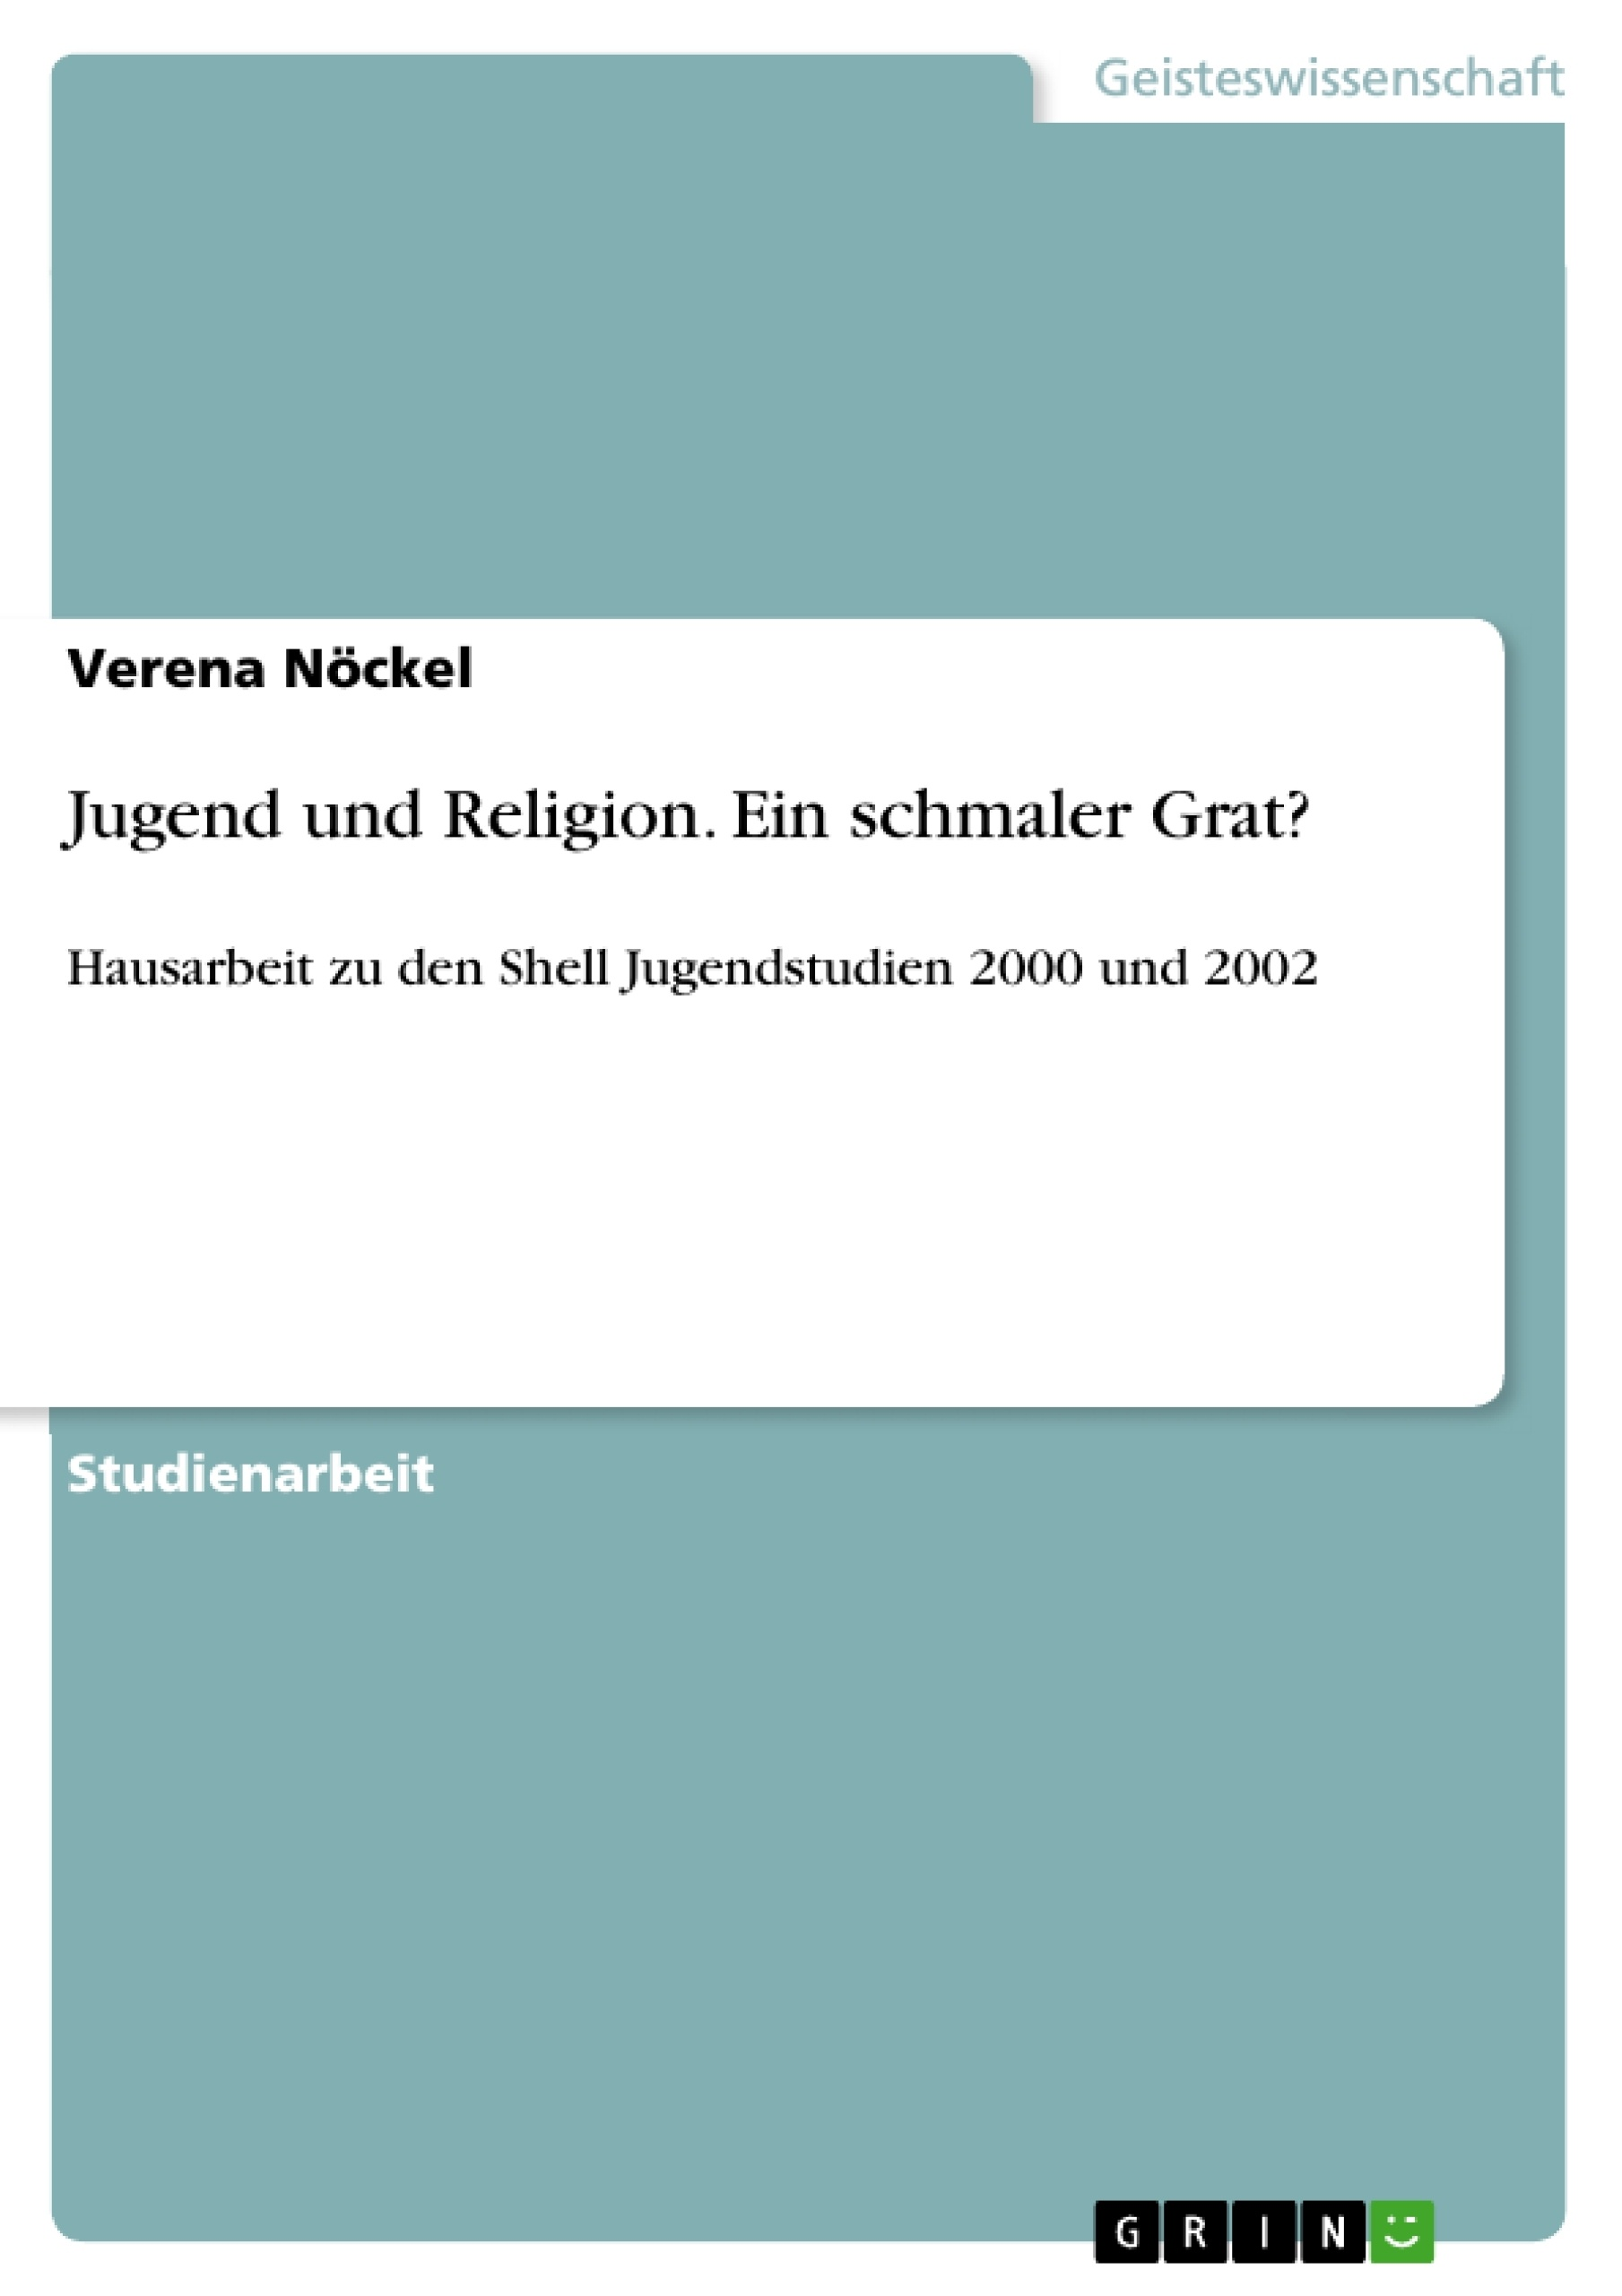 Titel: Jugend und Religion. Ein schmaler Grat?